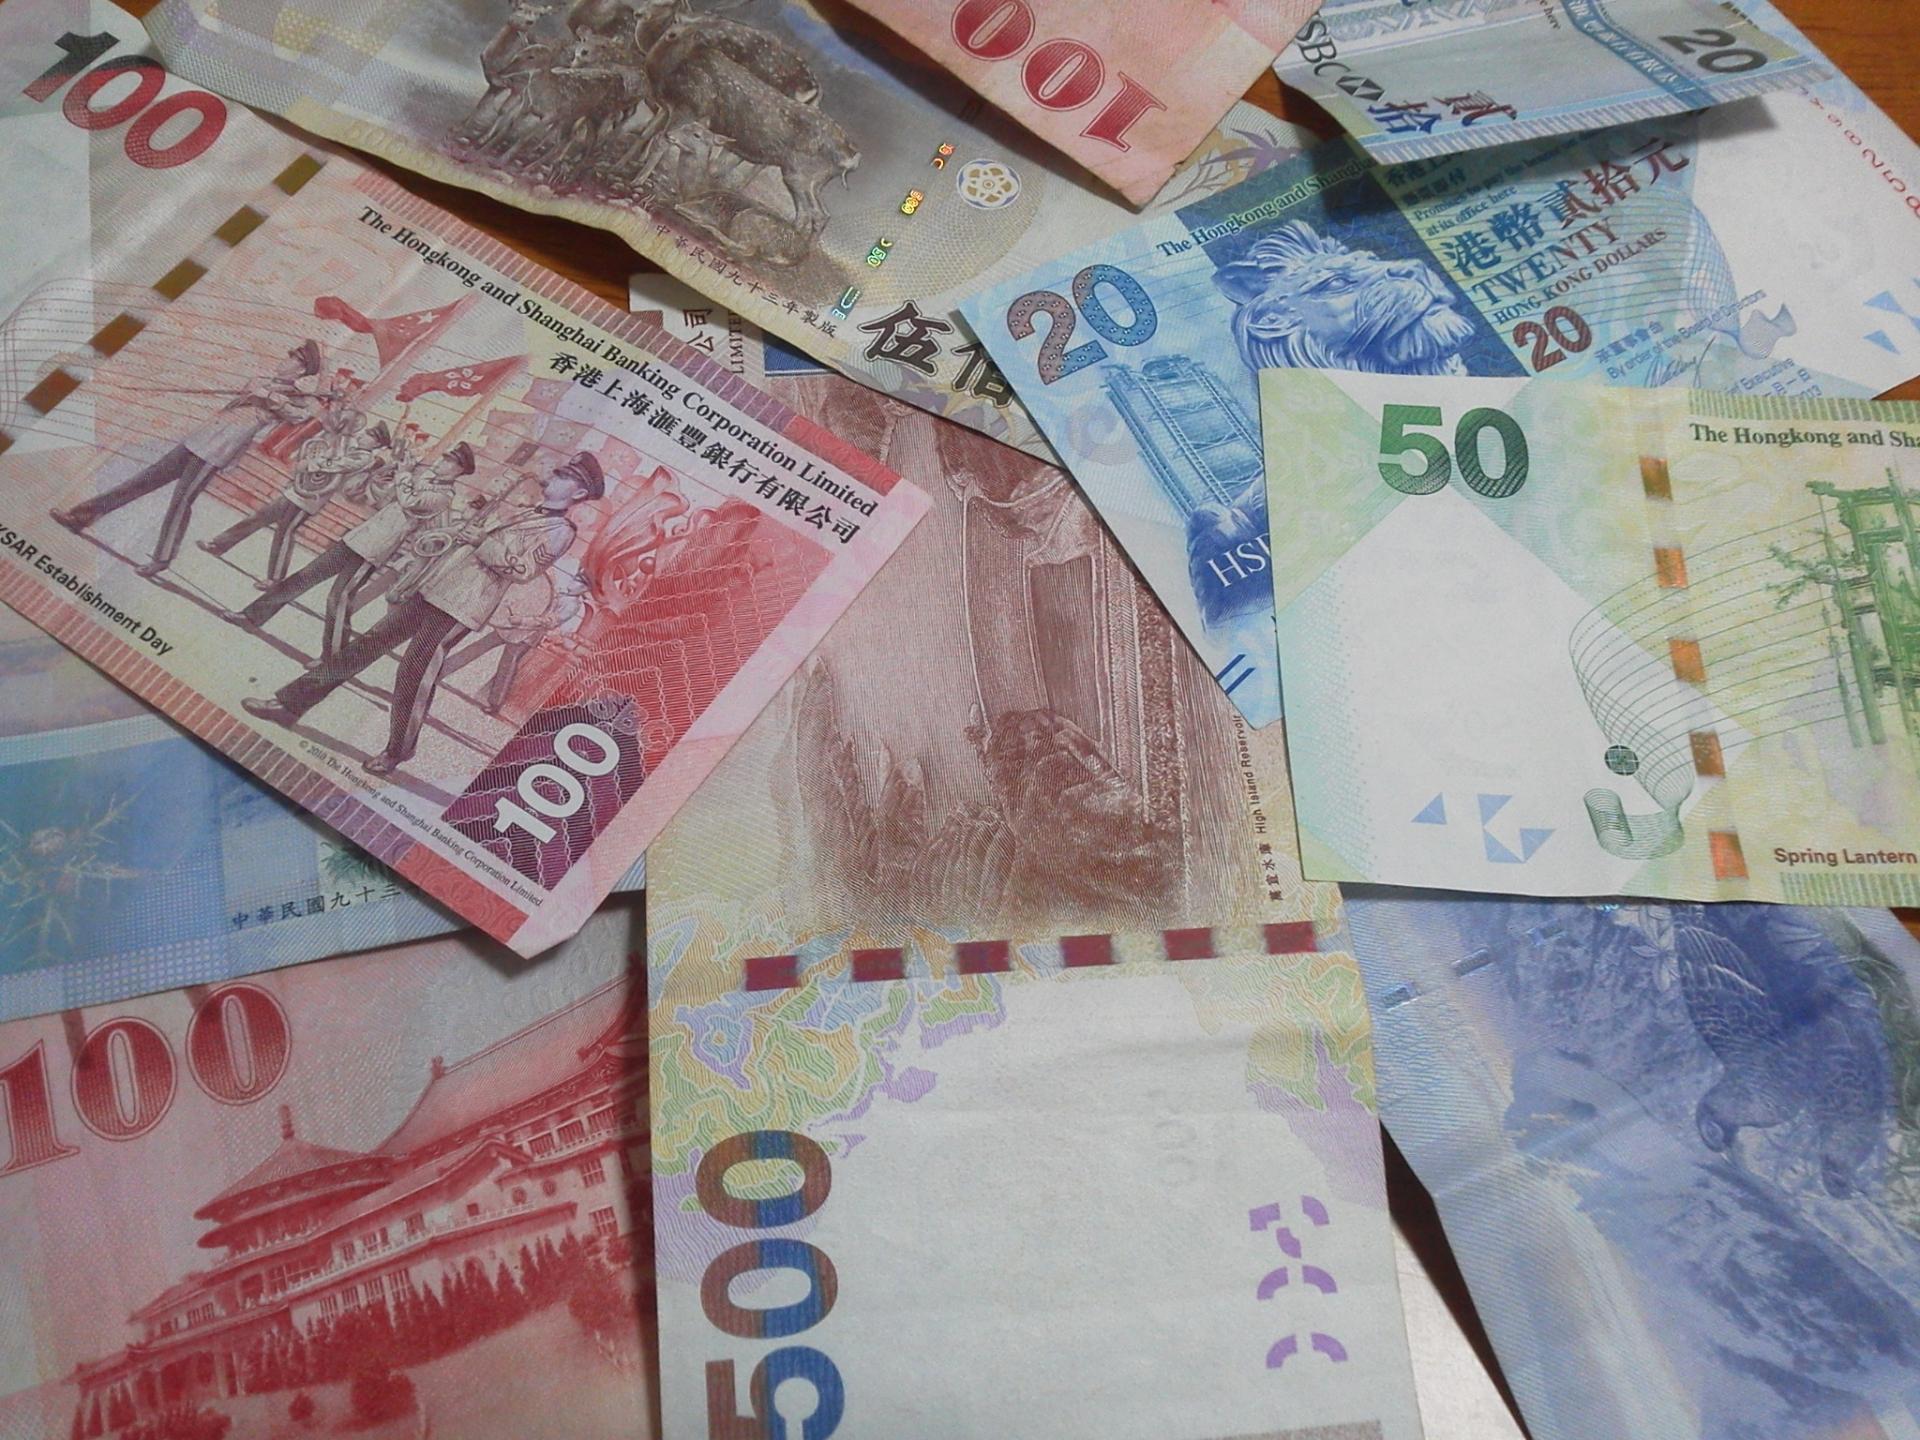 台湾のお金の単位は元?両替するならどこがお得?比較して分析!